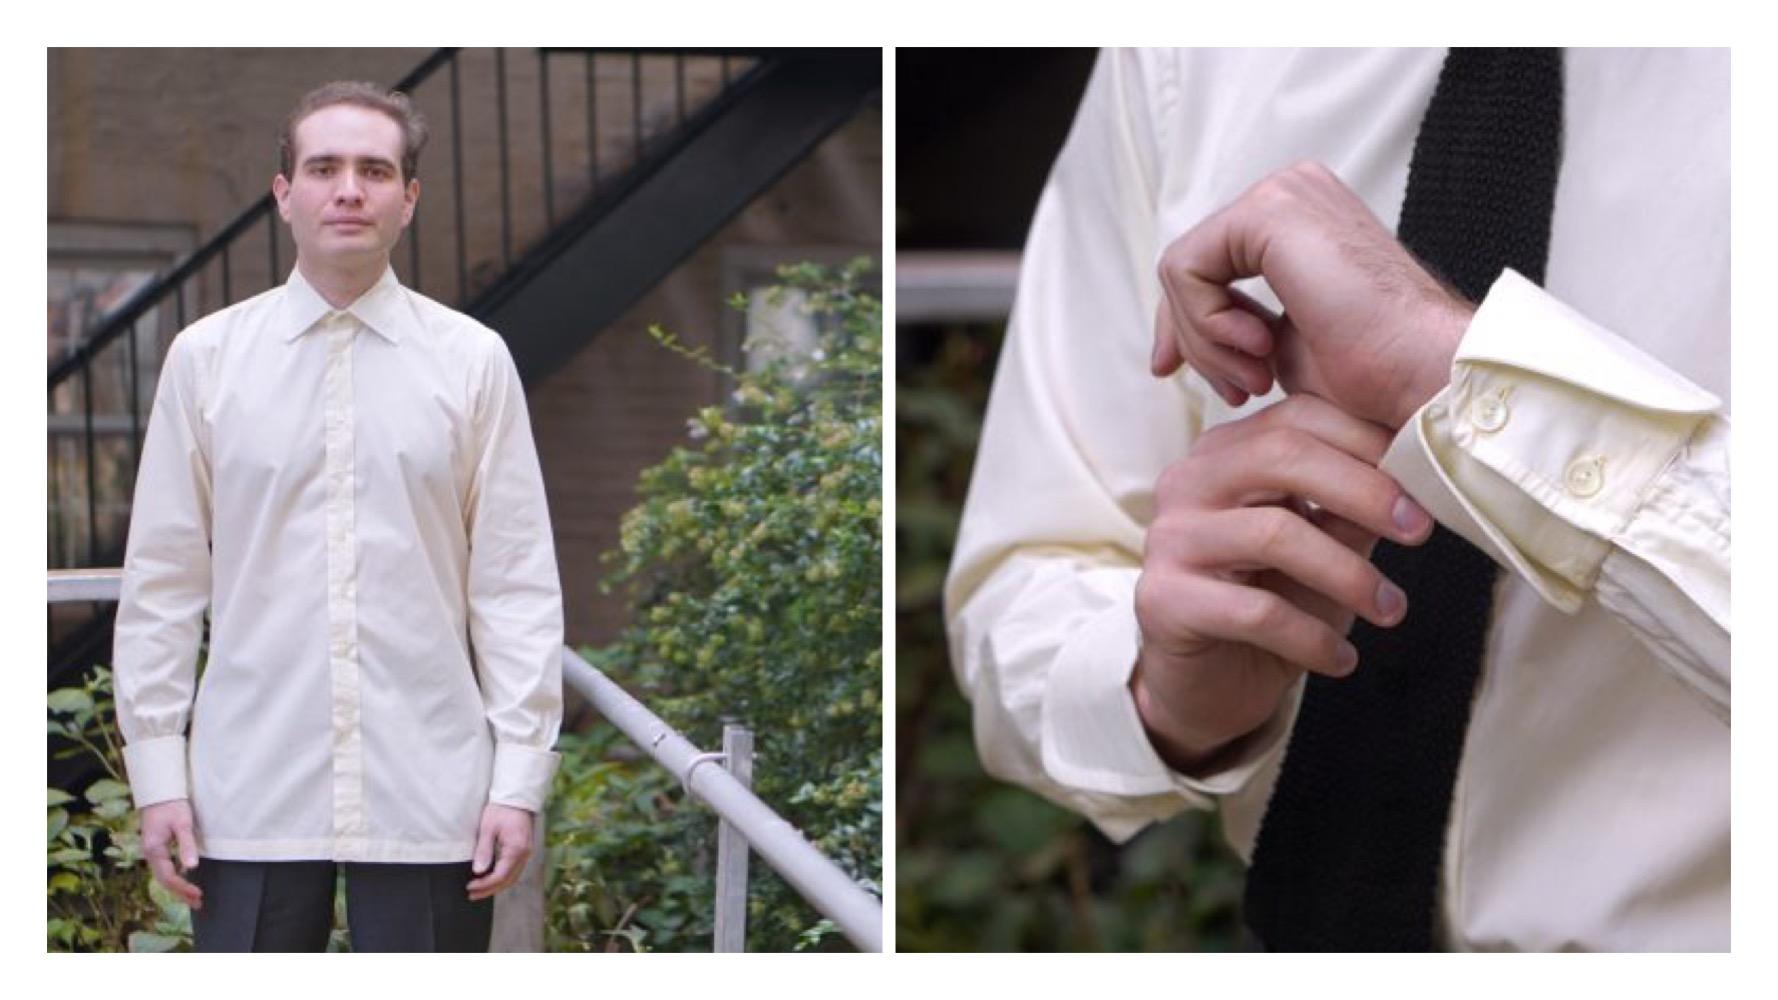 matt spaiser modelling frank foster shirts